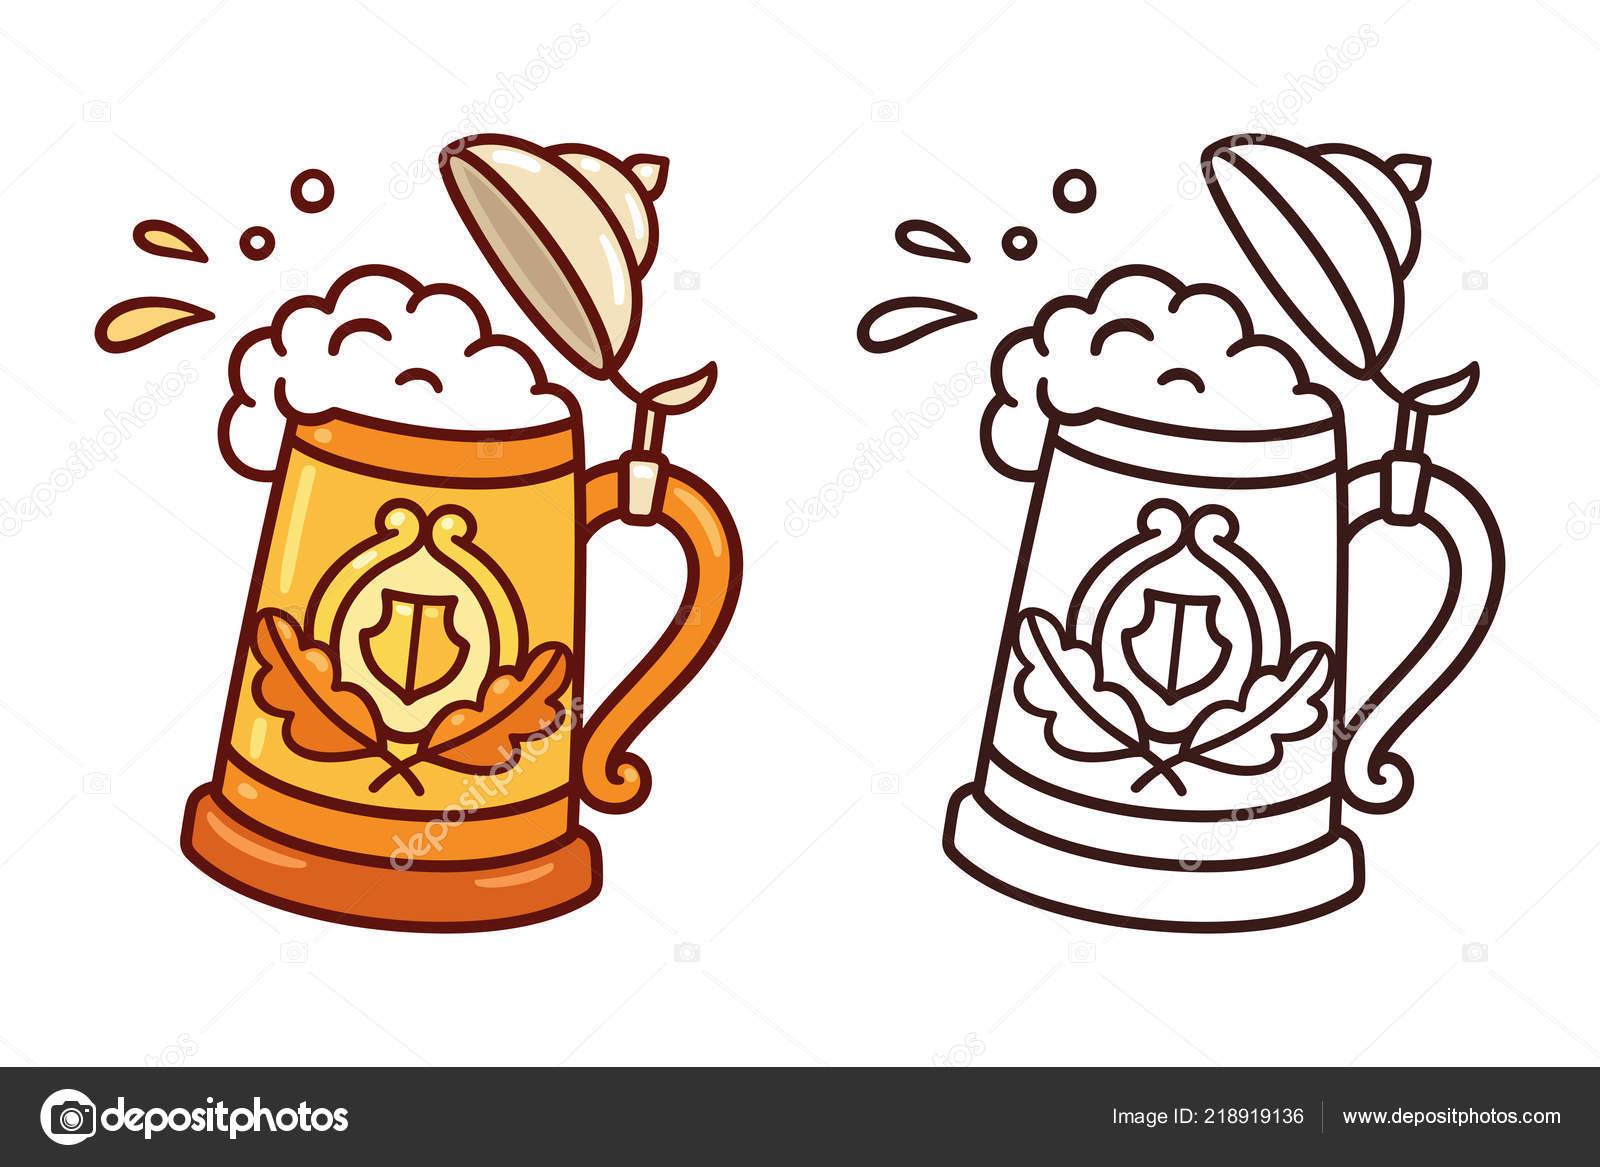 Clipart German Beer Traditional Oktoberfest Stein Beer Mug Splashes Foam Beer Cartoon Doodle Stock Vector C Sudowoodo 218919136